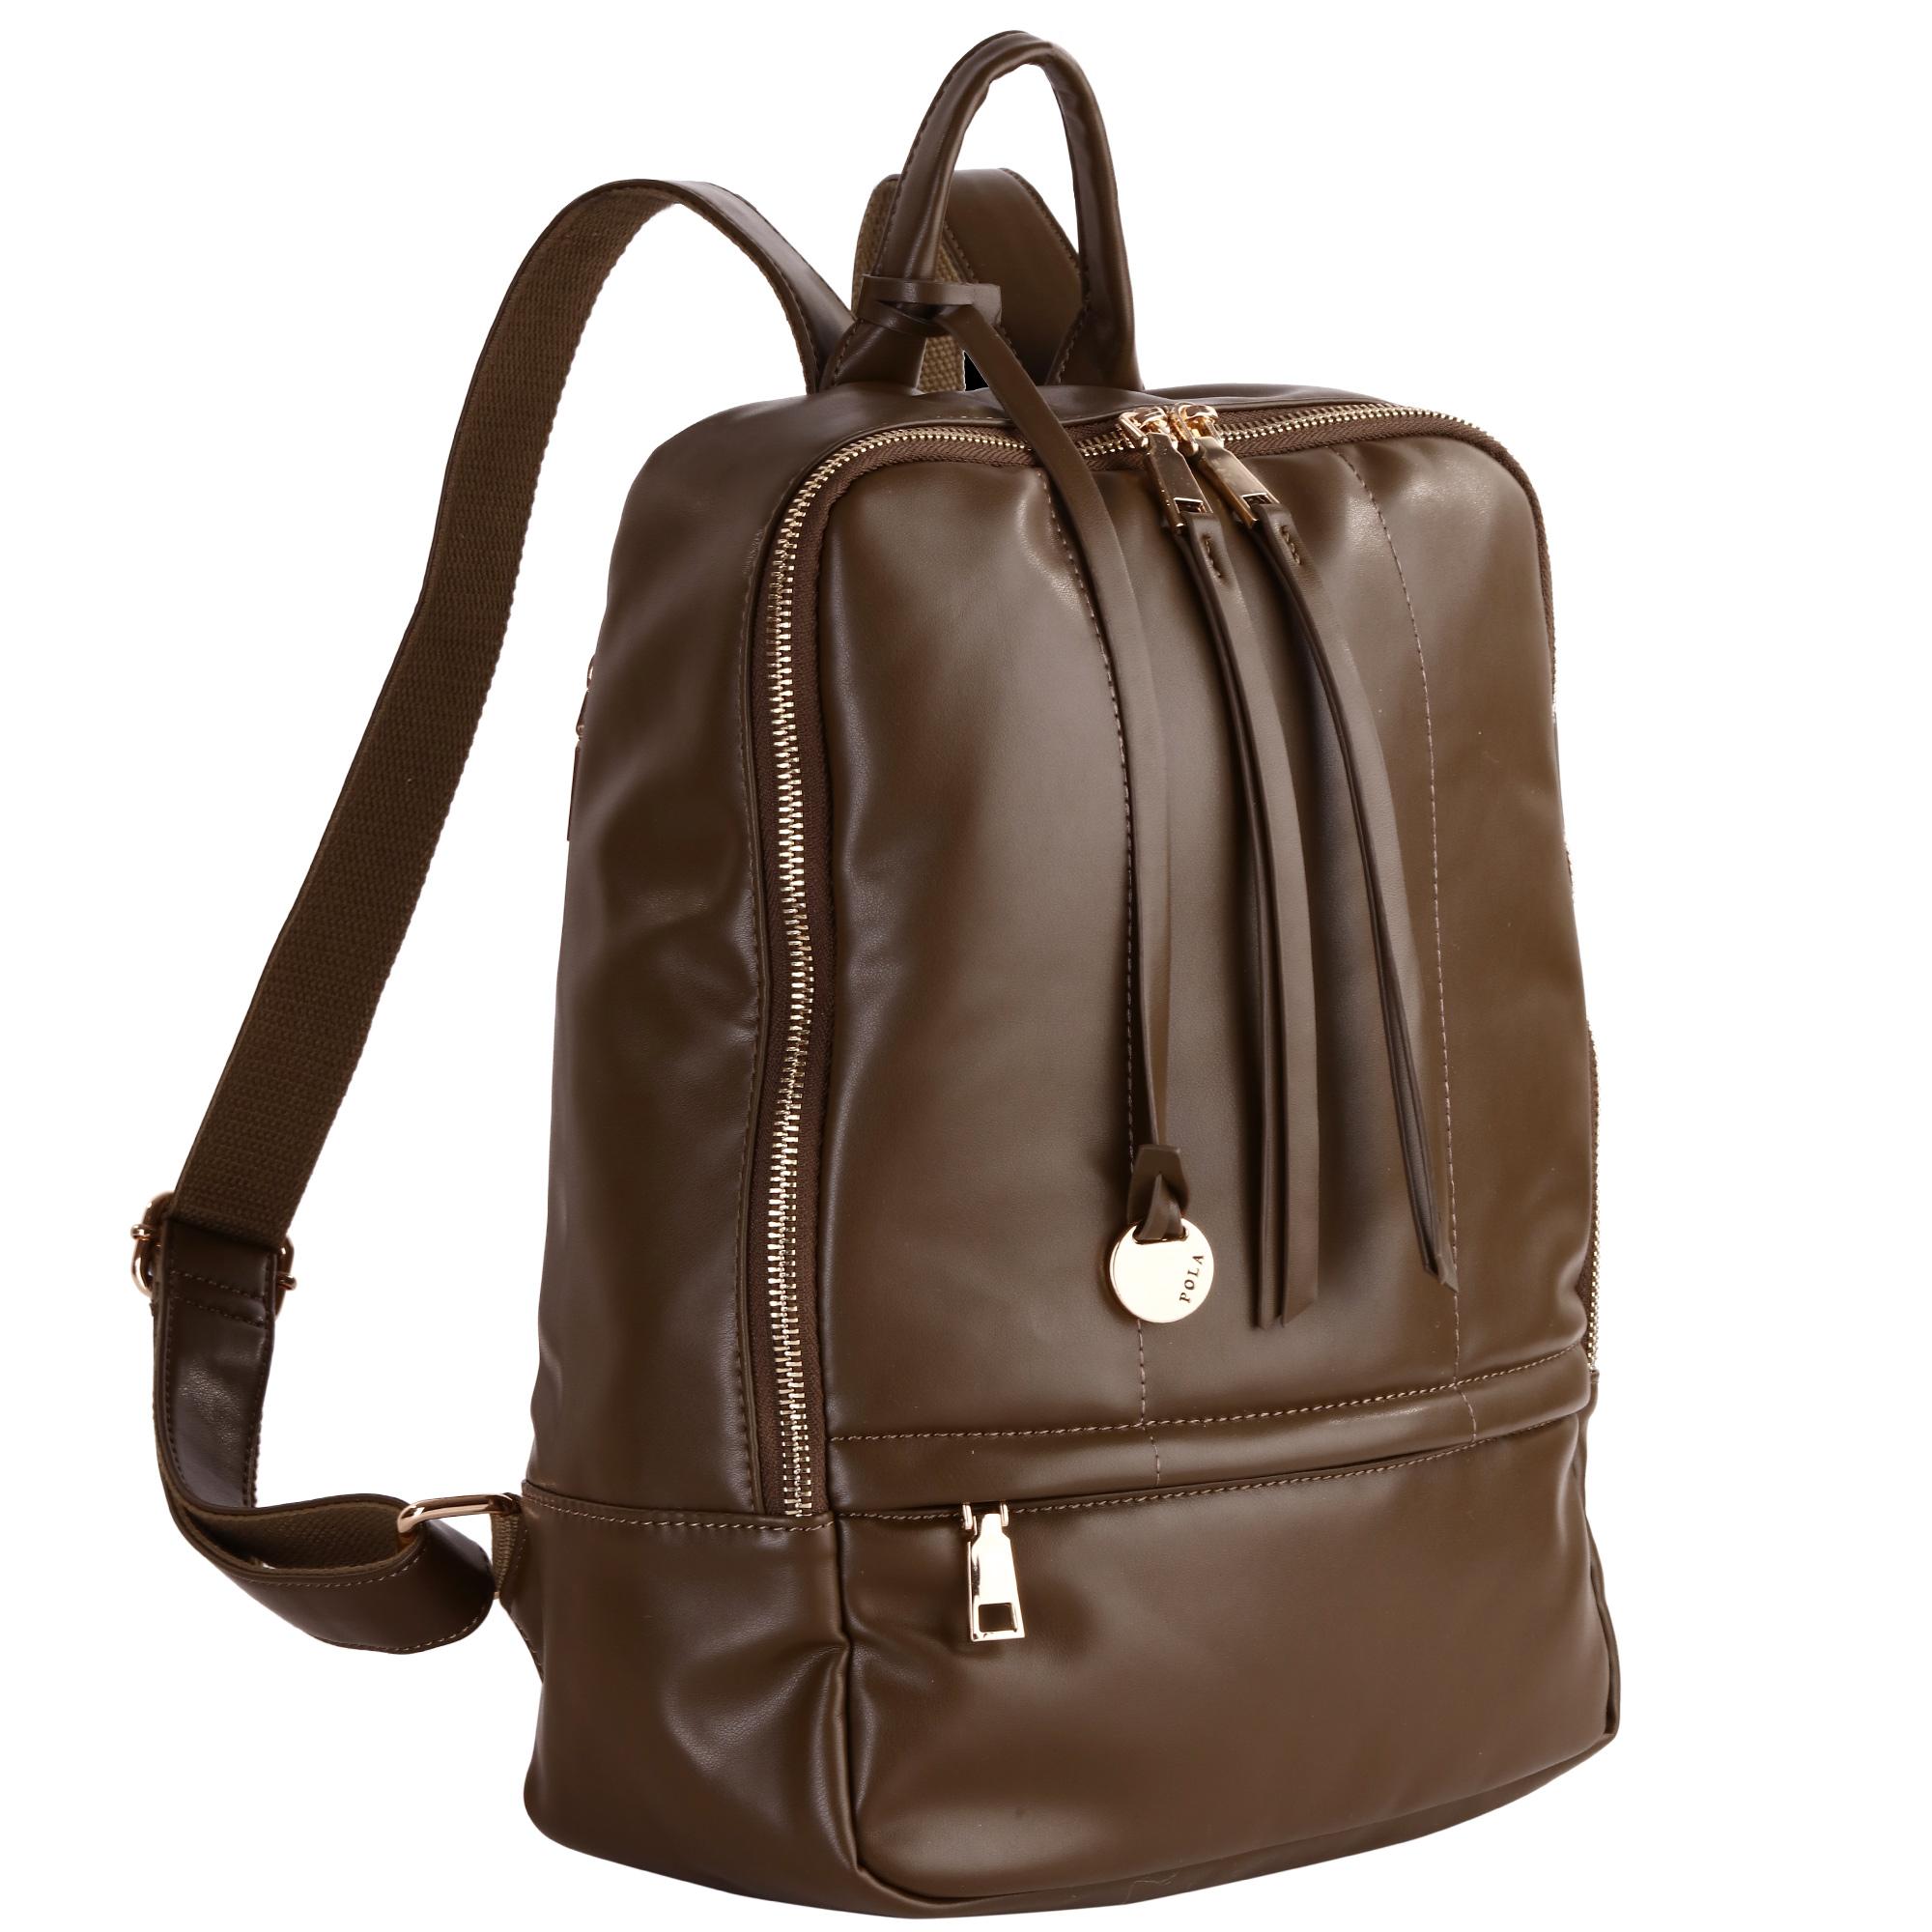 Рюкзак женский Pola, цвет: хаки. 441210130-11Стильный женский рюкзак Pola - очень практичен в повседневном использовании. Основное отделение закрывается на металлическую молнию. Внутри - два кармана на молниях и два открытых кармашка. Снаружи – карманы на молниях сзади и спереди рюкзака. Лямки регулируются по длине.Эта универсальная модель идеально подойдет как для путешествий, так и для учебы или работы, а так же позволит вам взять с собой все самое необходимое.